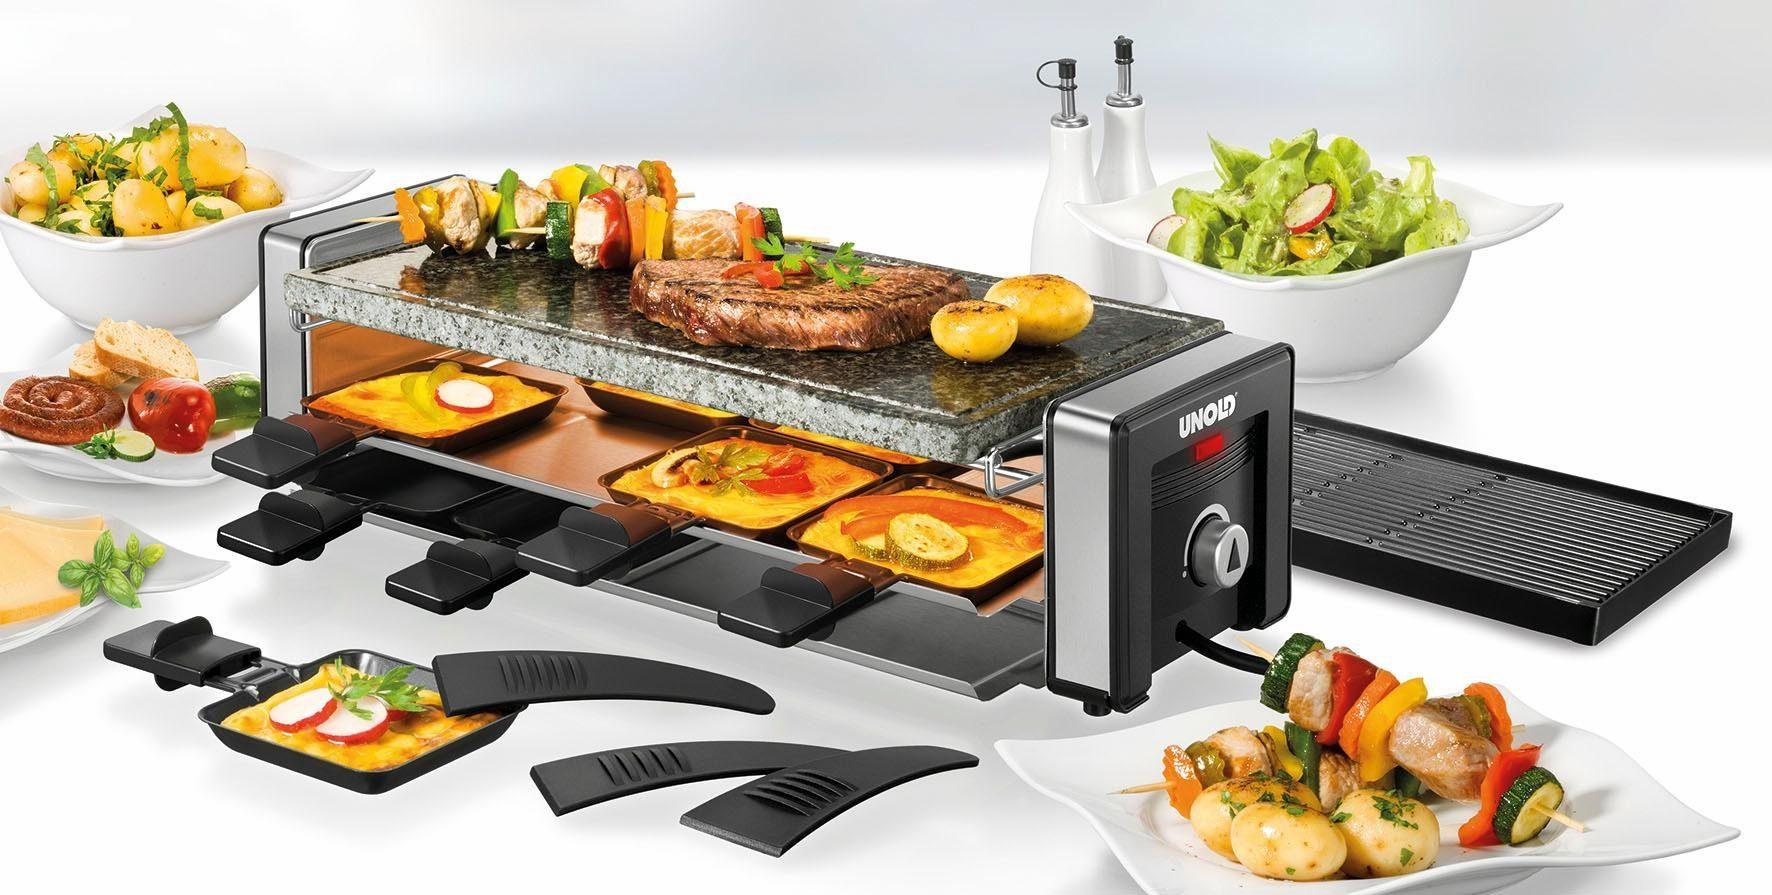 Unold Raclette Délice 48765, 1100 W